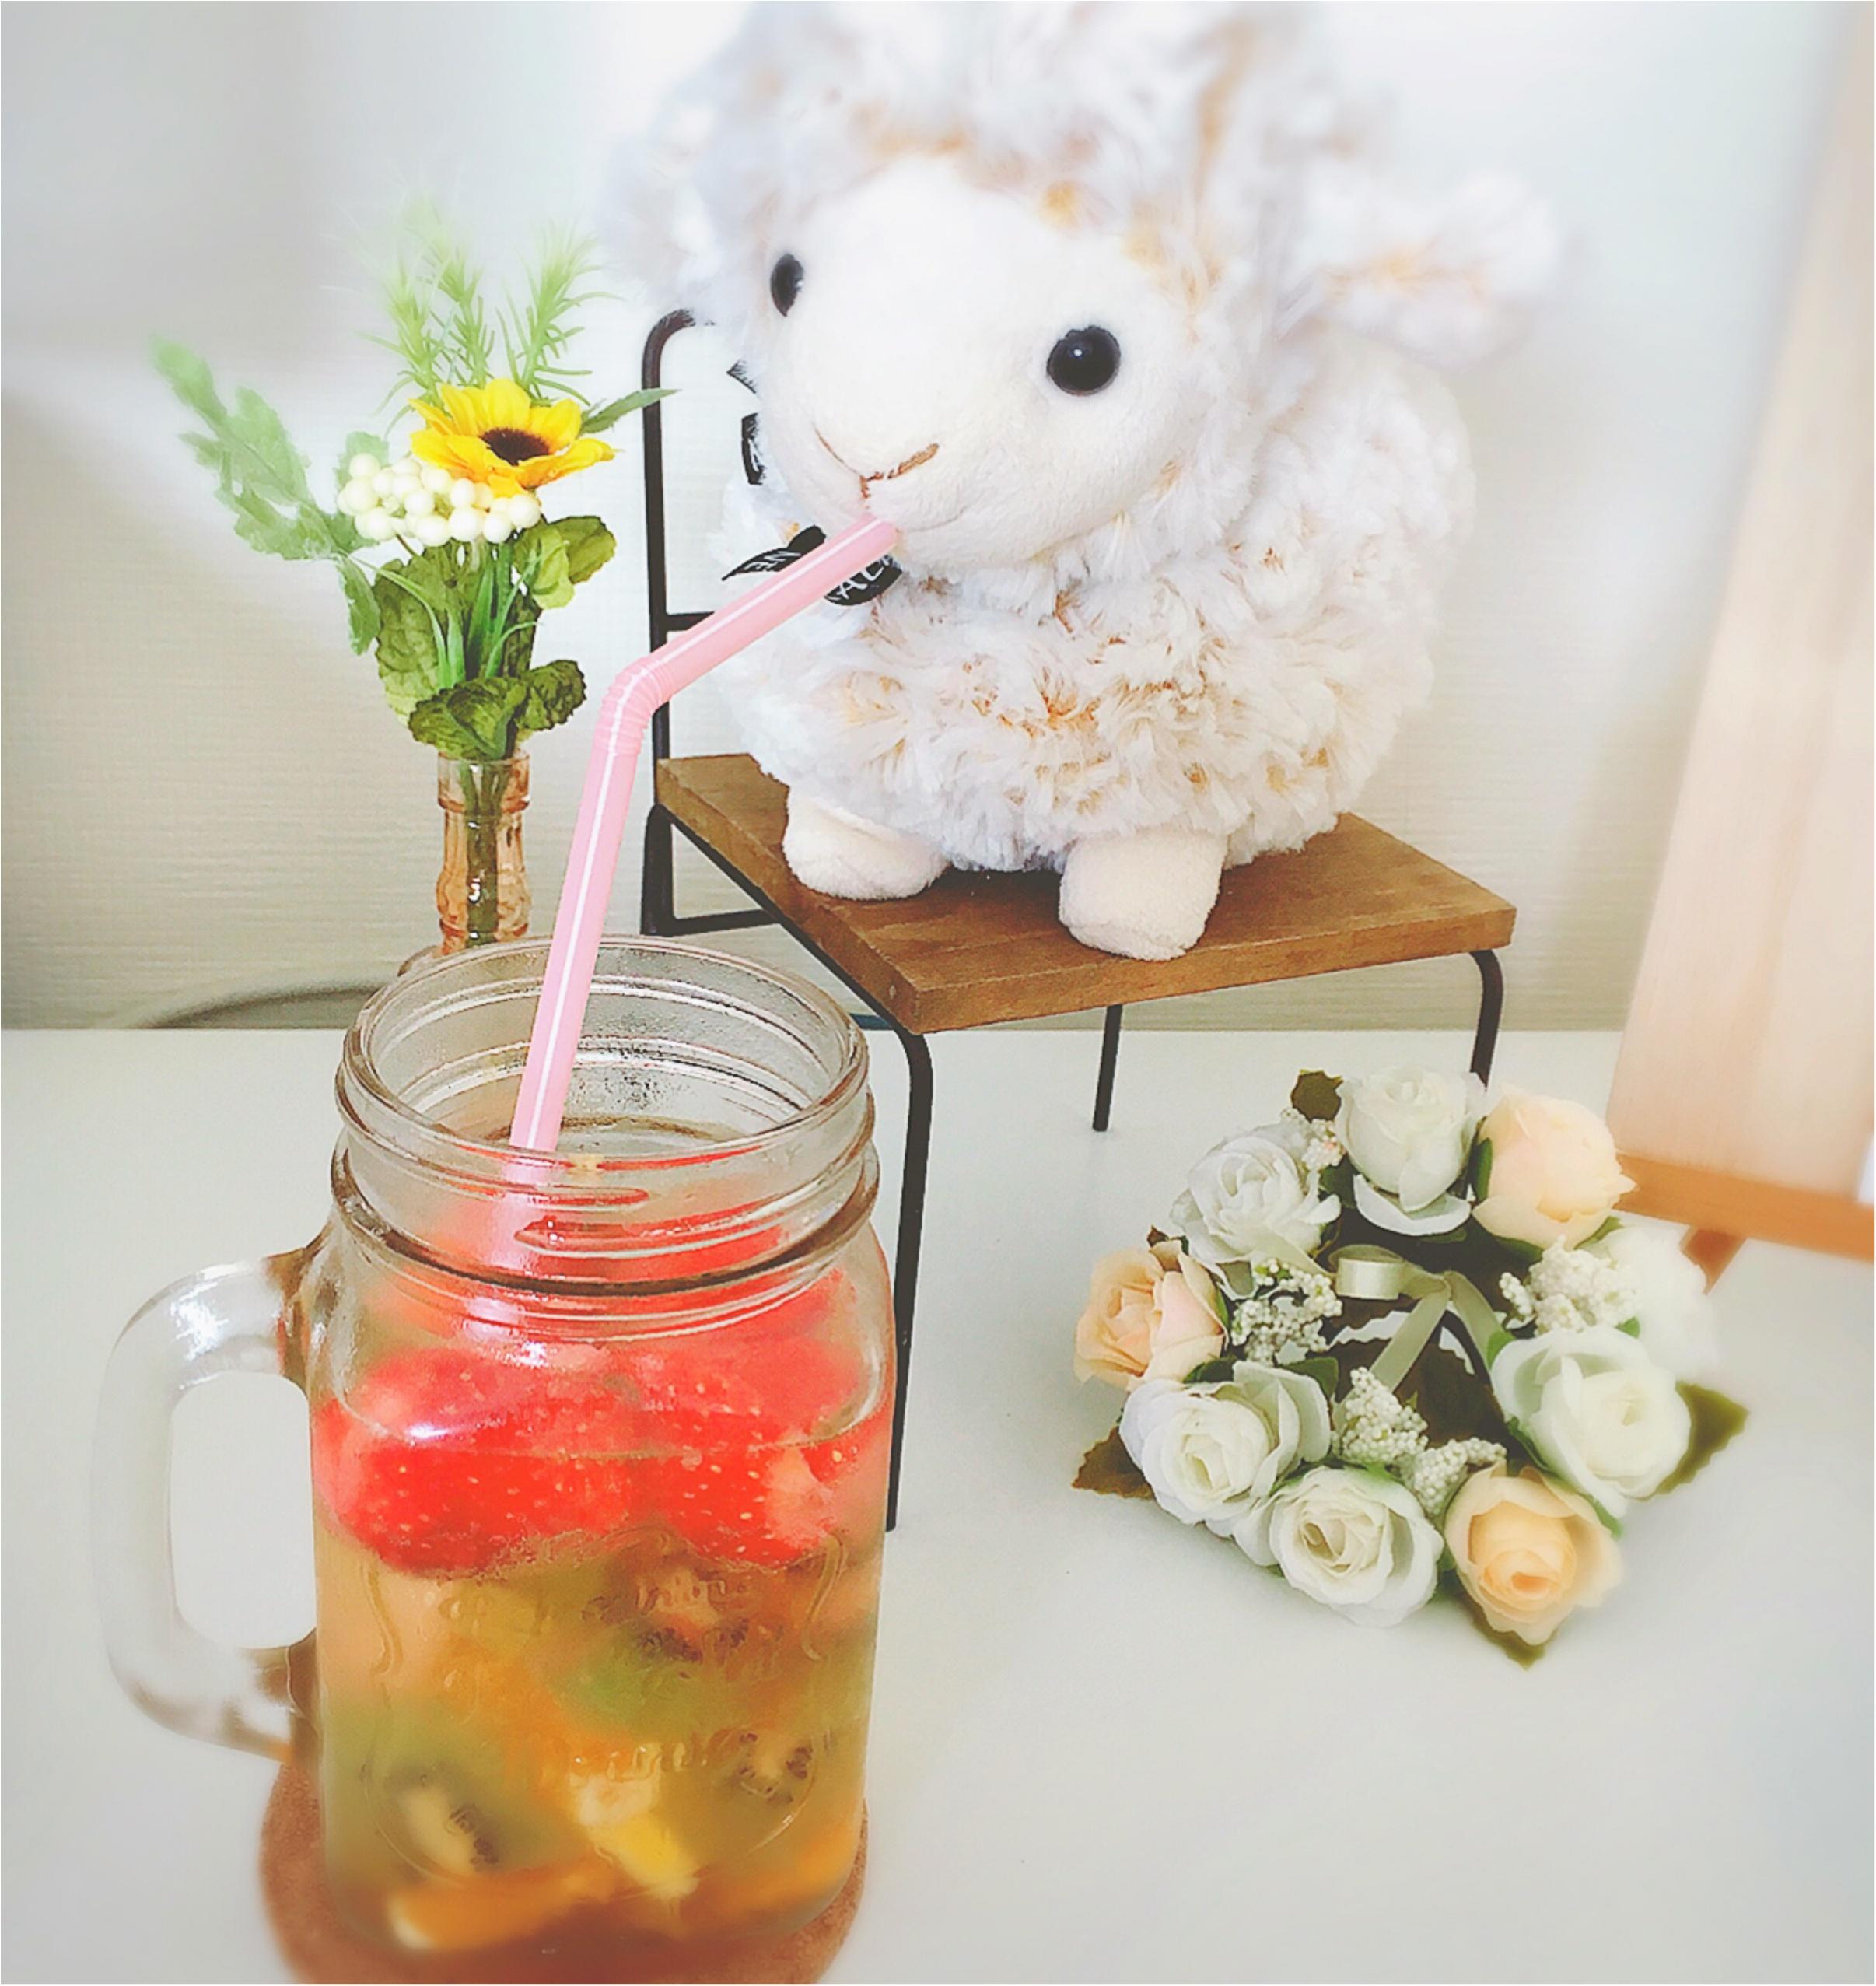 【Q♡cafe】毎日飲みたい!手作り《フルーツビネガー》なら美味しくキレイになれるかも❤️✨_5